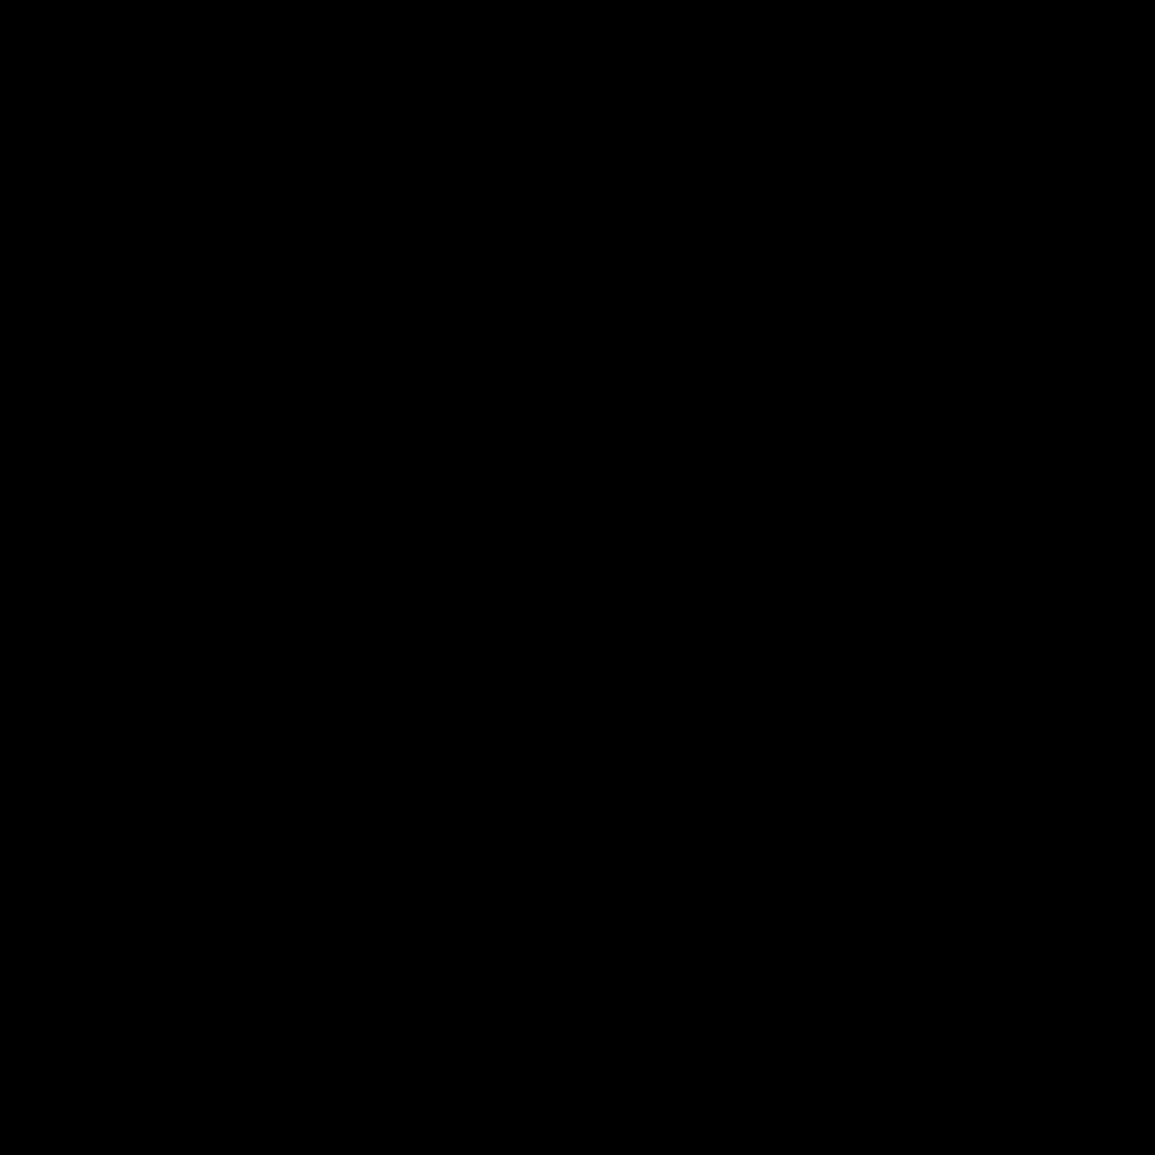 スーボ O OSU 字形見本